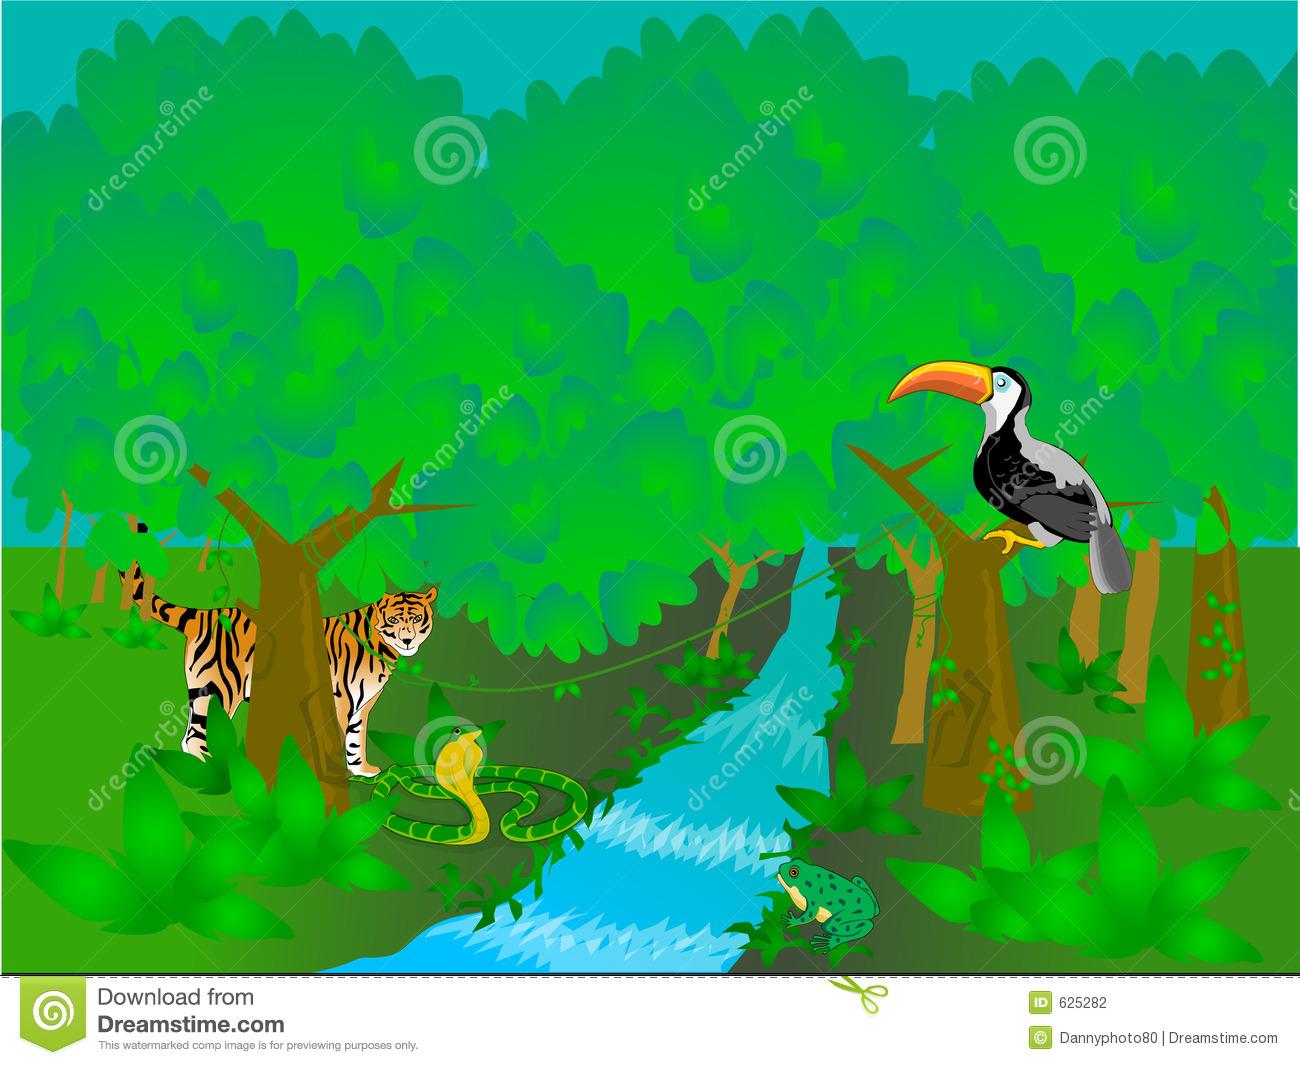 rainforest monkey clipart clipart suggest rainforest animals clipart rainforest animals images clipart